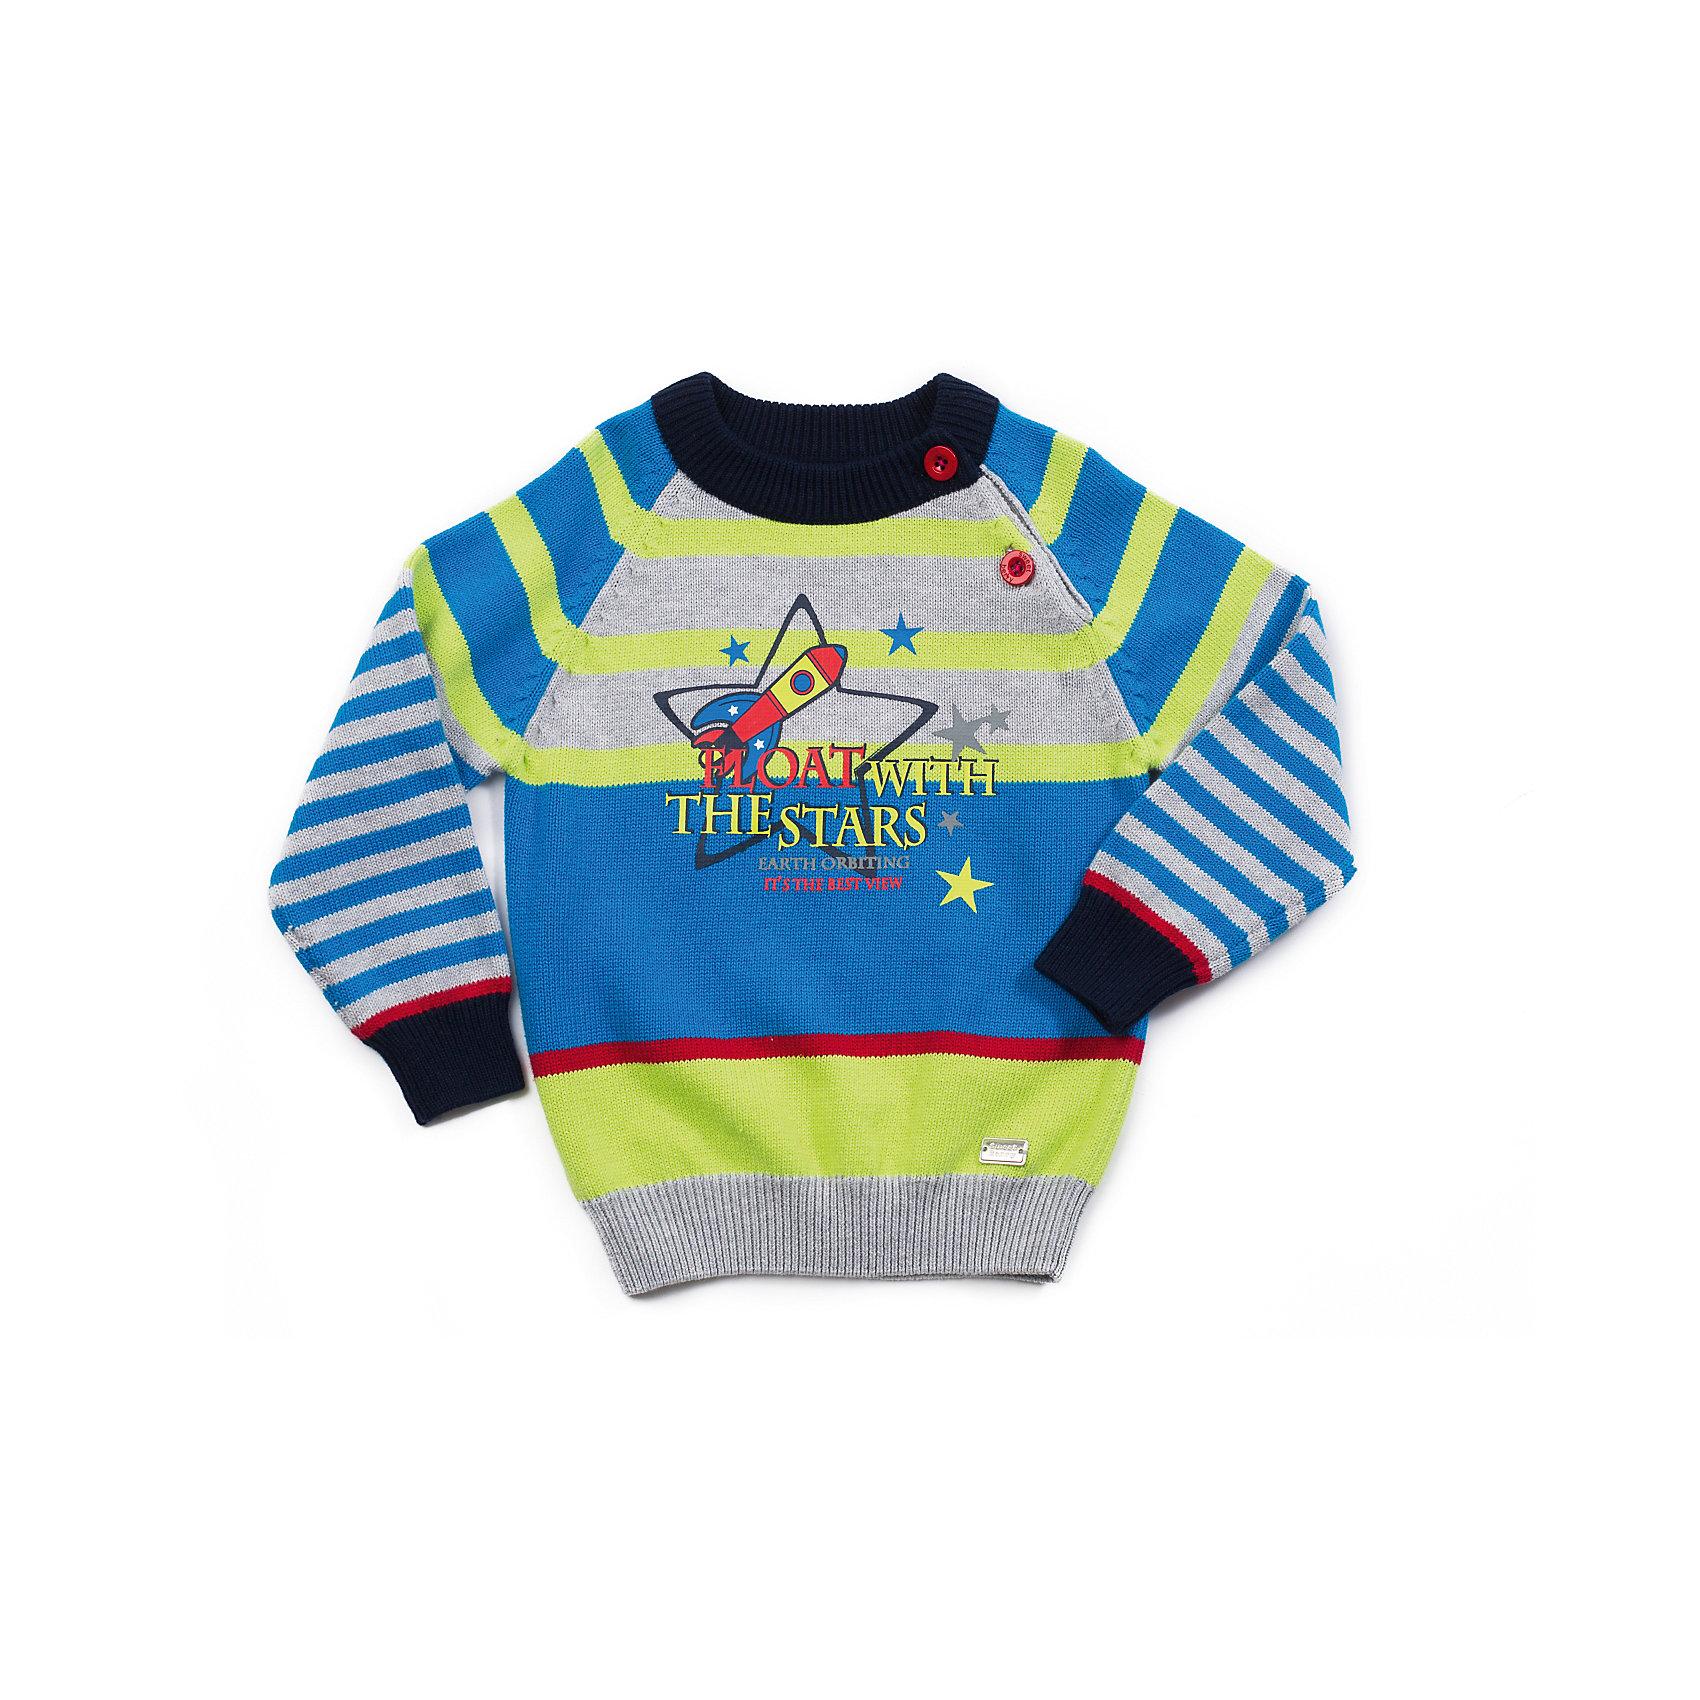 Свитер для мальчика Sweet BerryТолстовки, свитера, кардиганы<br>Свитер для мальчика с интересным дизайном. На реглане застежка для комфортного одевания. Принт на тему космоса.<br>Состав:<br>100% хлопок<br><br>Ширина мм: 190<br>Глубина мм: 74<br>Высота мм: 229<br>Вес г: 236<br>Цвет: разноцветный<br>Возраст от месяцев: 24<br>Возраст до месяцев: 36<br>Пол: Мужской<br>Возраст: Детский<br>Размер: 98,92,86,80<br>SKU: 4273207